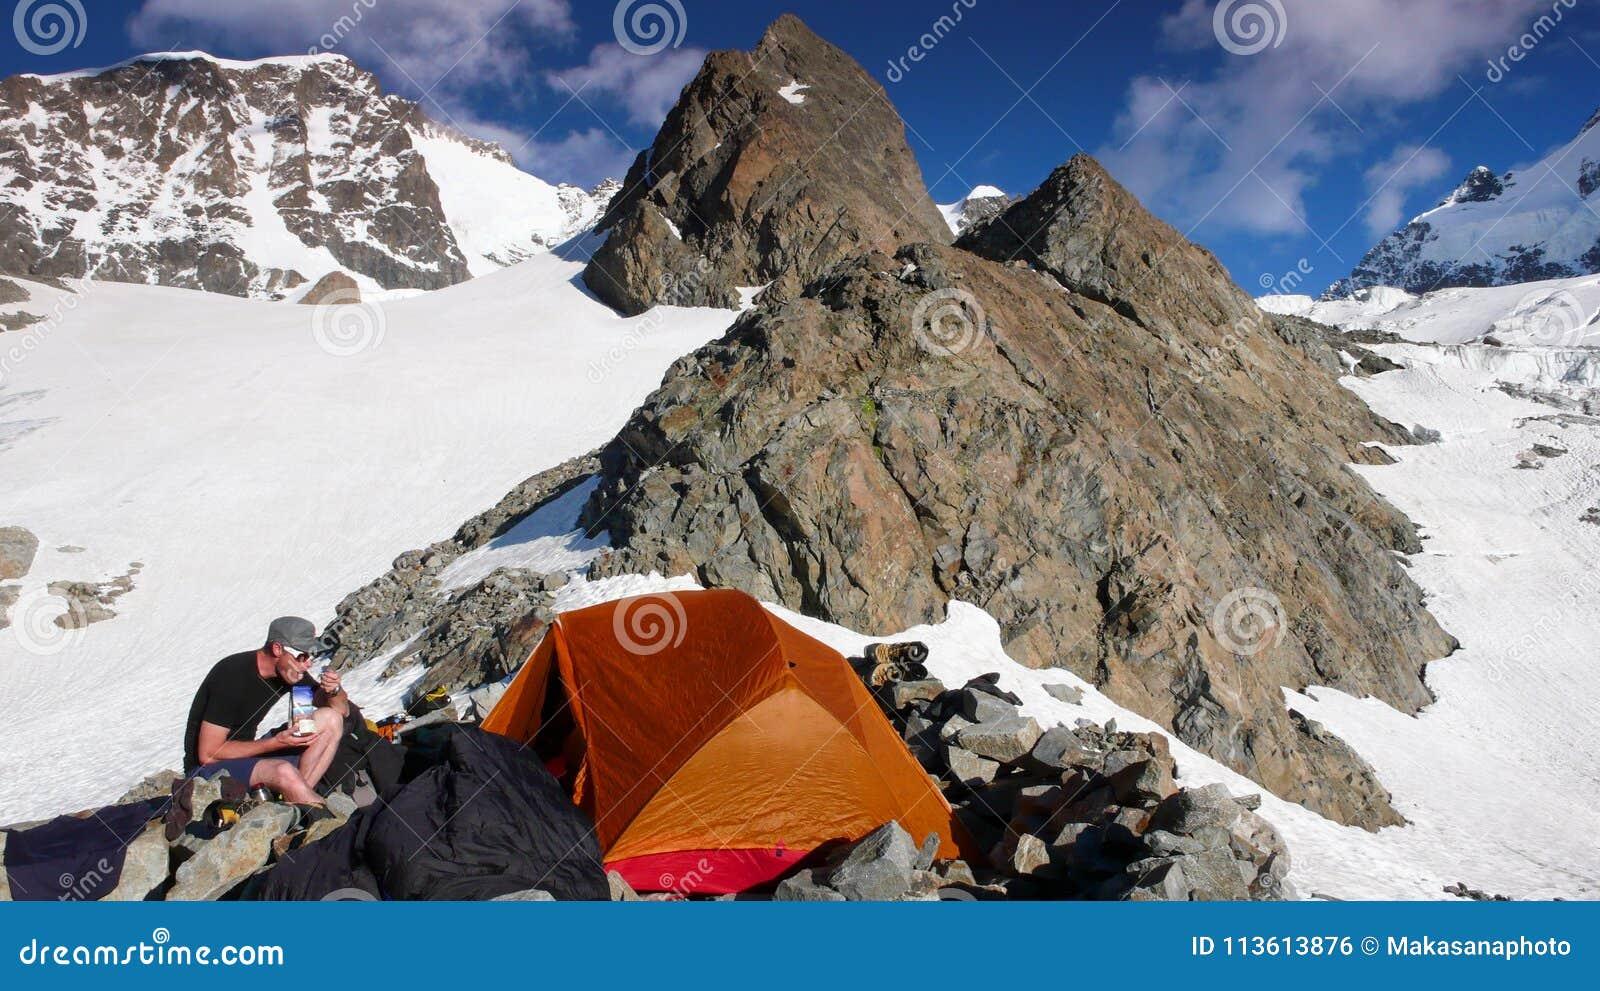 Αρσενικός ορειβάτης βουνών που τρώει στο στρατόπεδο βάσεων από μια πορτοκαλιά σκηνή με ένα θεαματικό τοπίο βουνών γύρω από τον